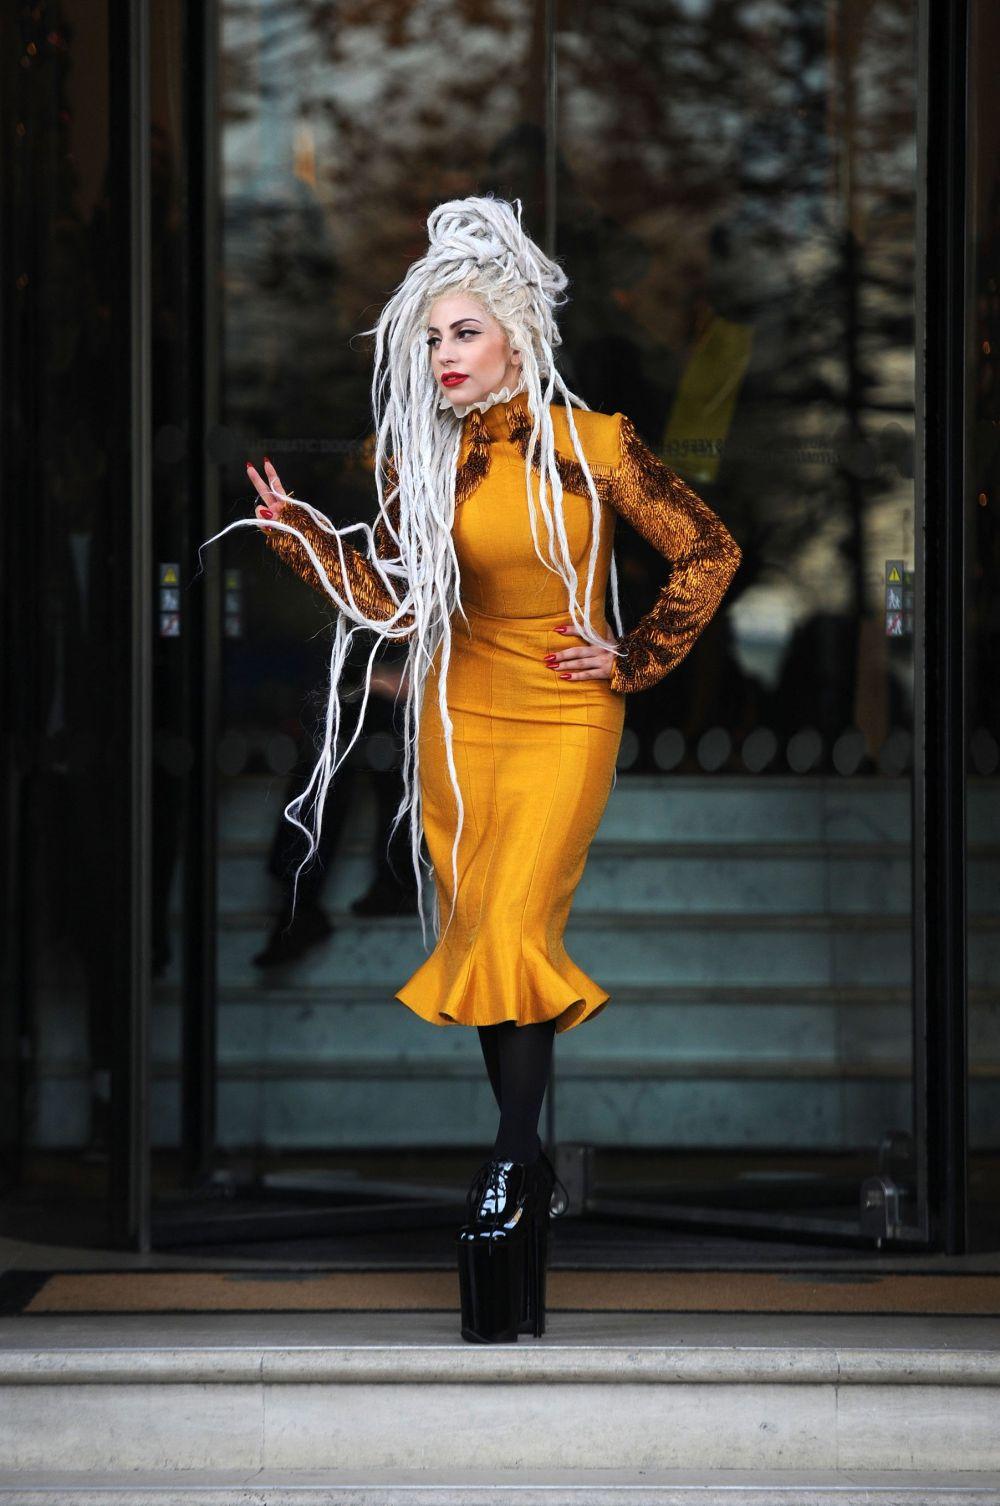 Новой пластинке Леди Гага не удалось повторить успеха The Fame или Born This Way, однако этот период её карьеры нельзя назвать застоем – она дебютировала в кино, снявшись в фильме «Мачете убивает», а также провела ряд успешных турне.